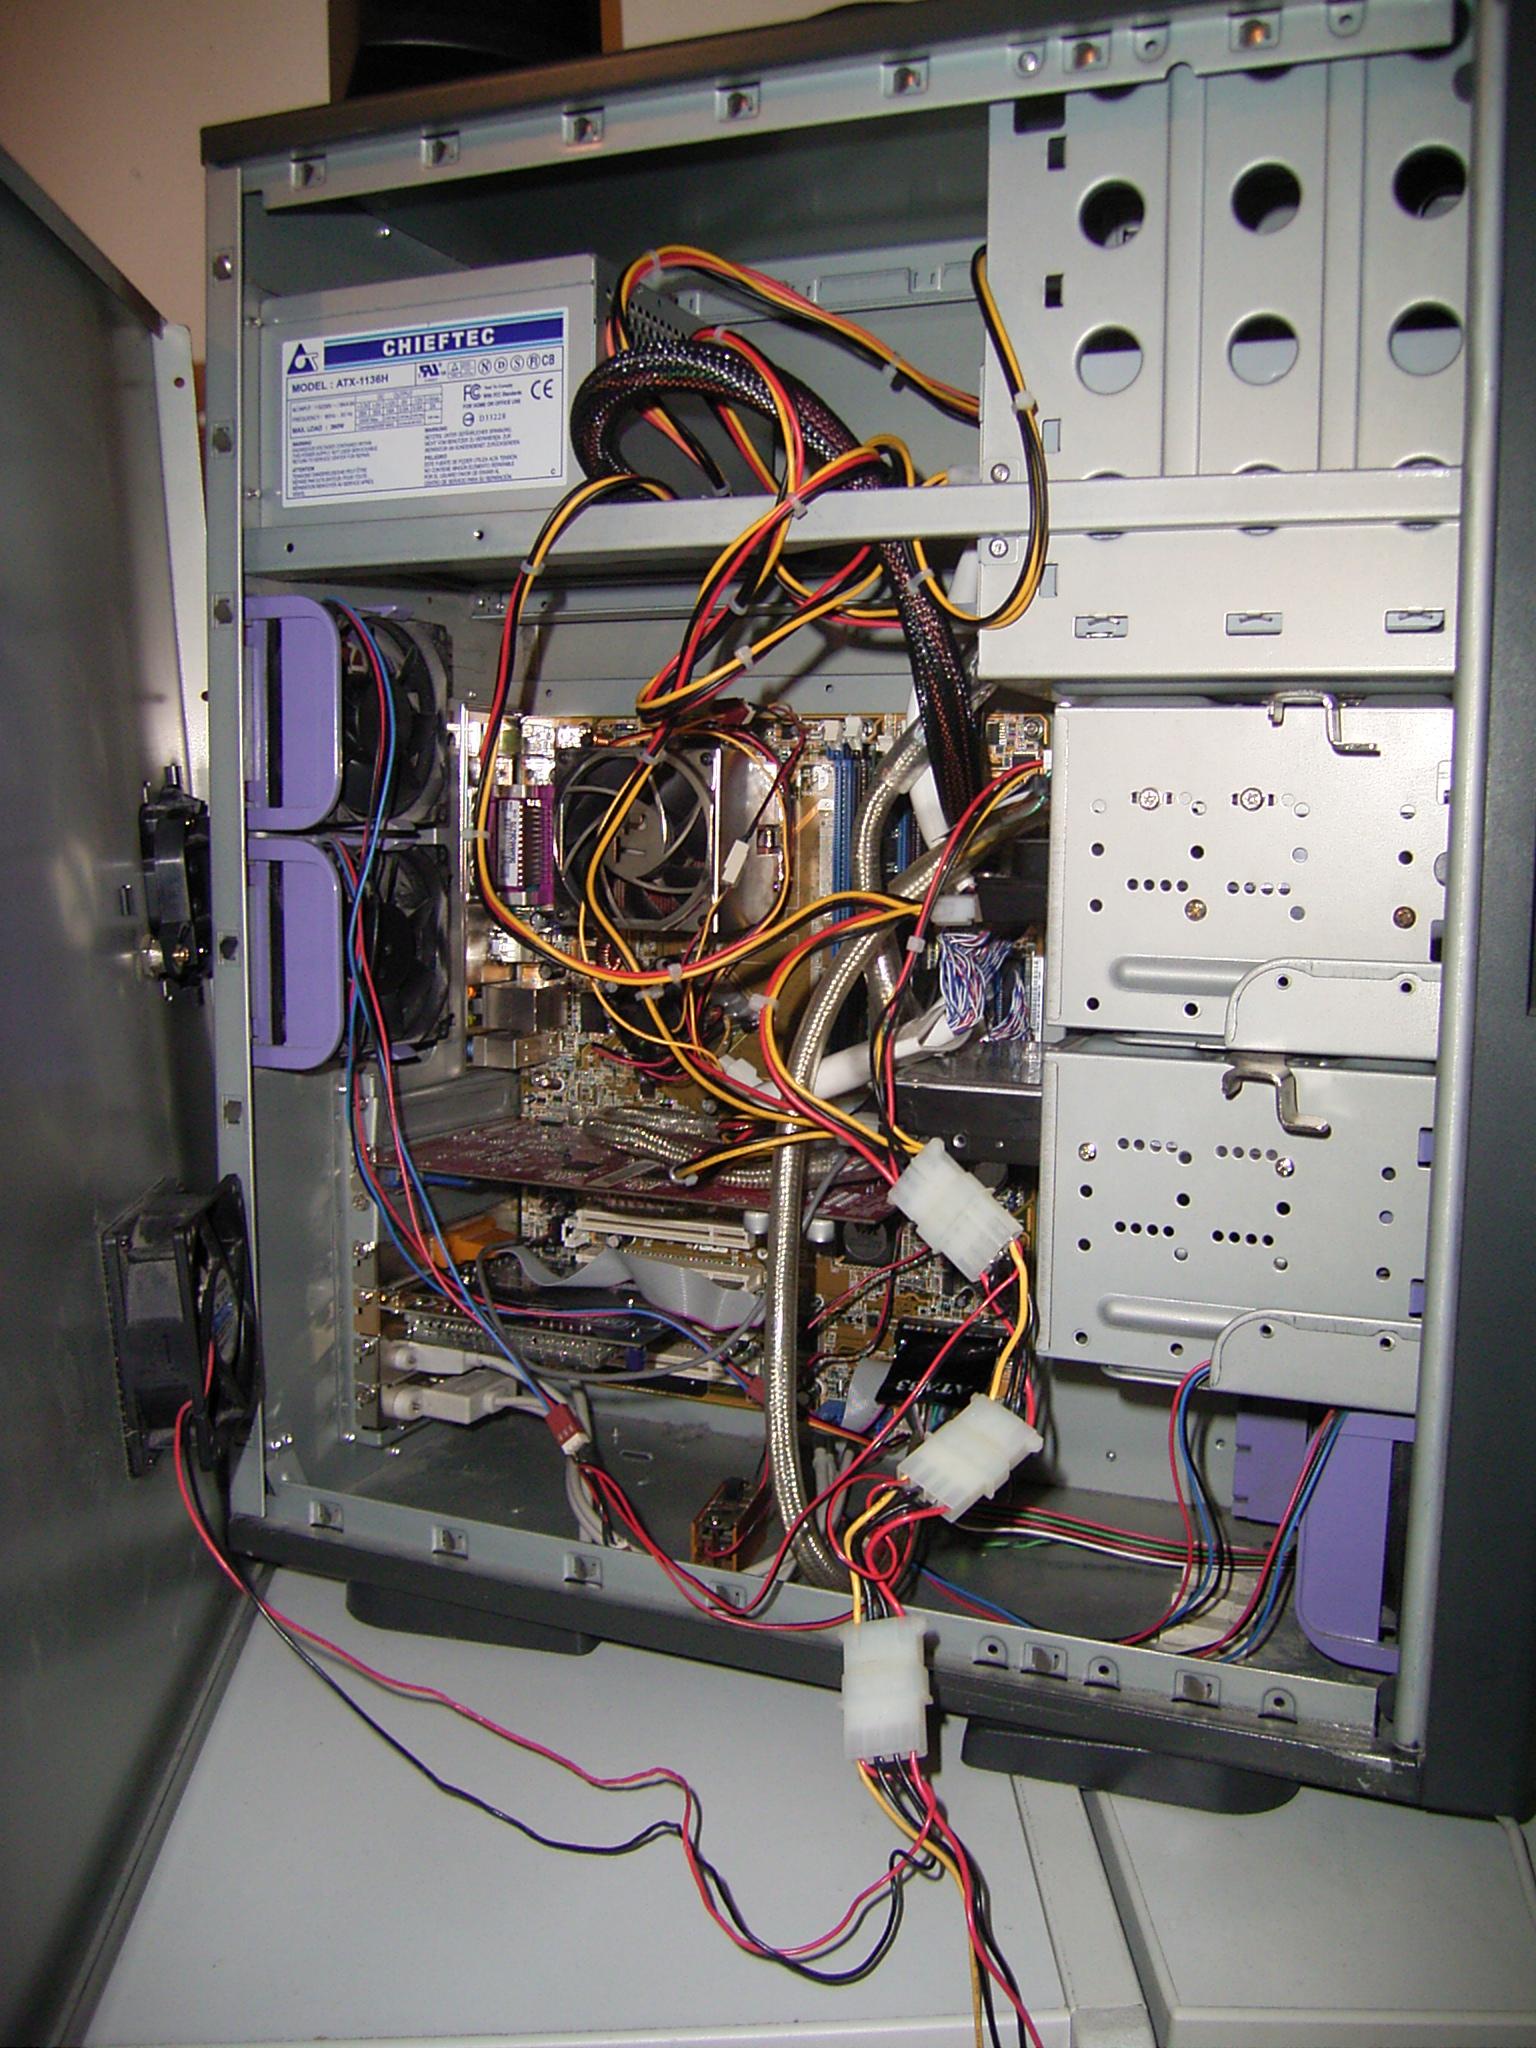 Arbeitsblatt Computer Aufbau : Informatik bestandteile eines computer